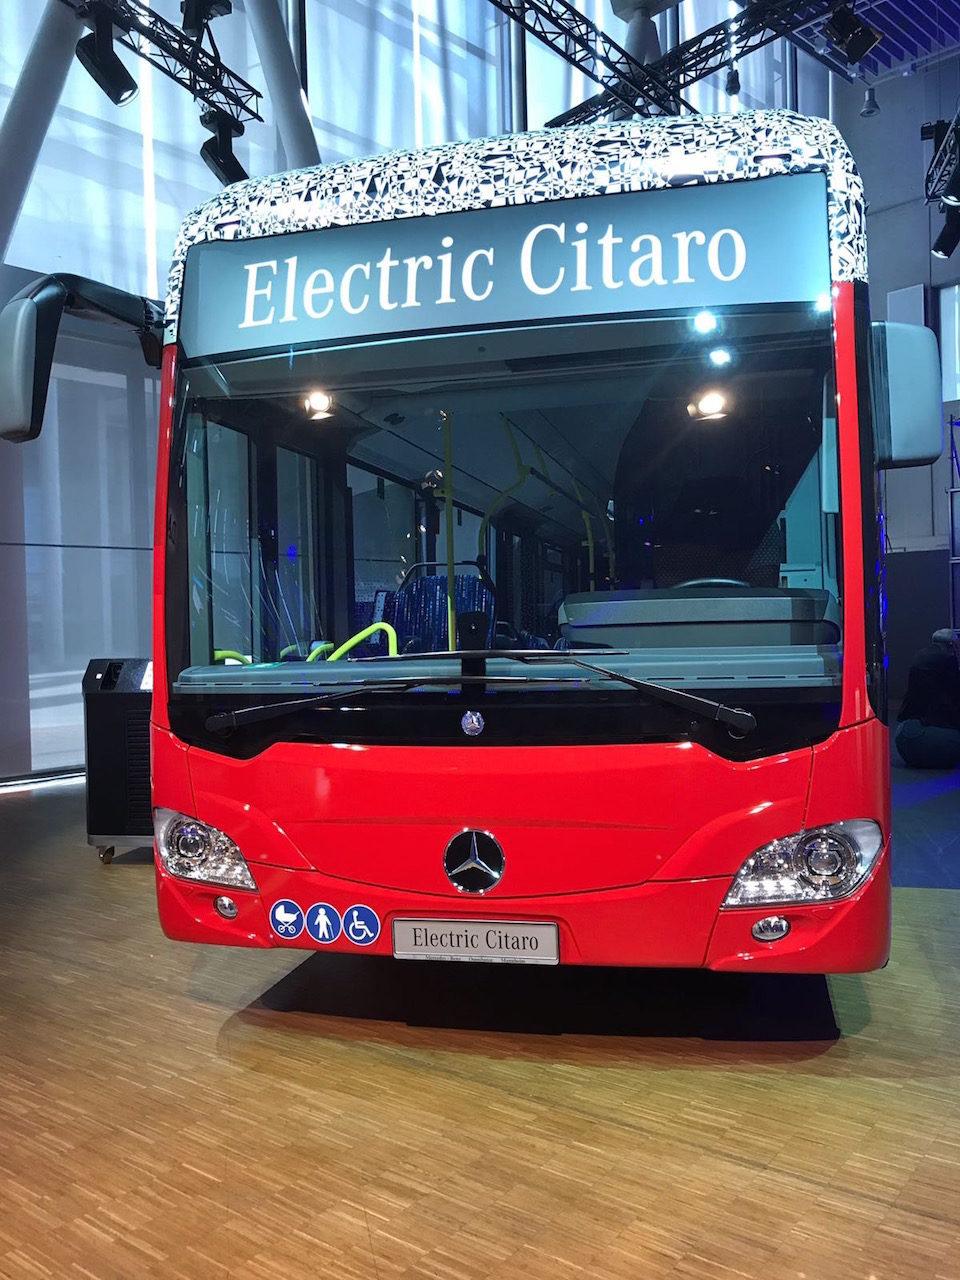 Electric Citaro